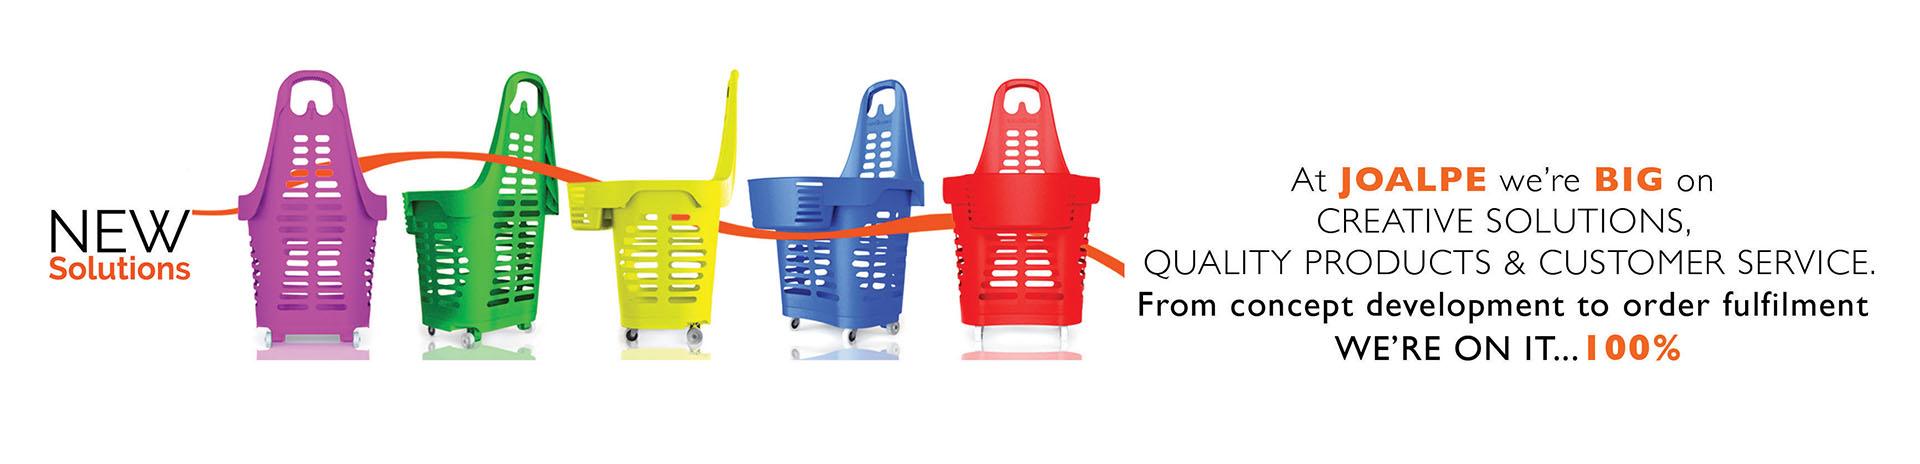 Joalpe Banner Plastic Shopping Trolleys